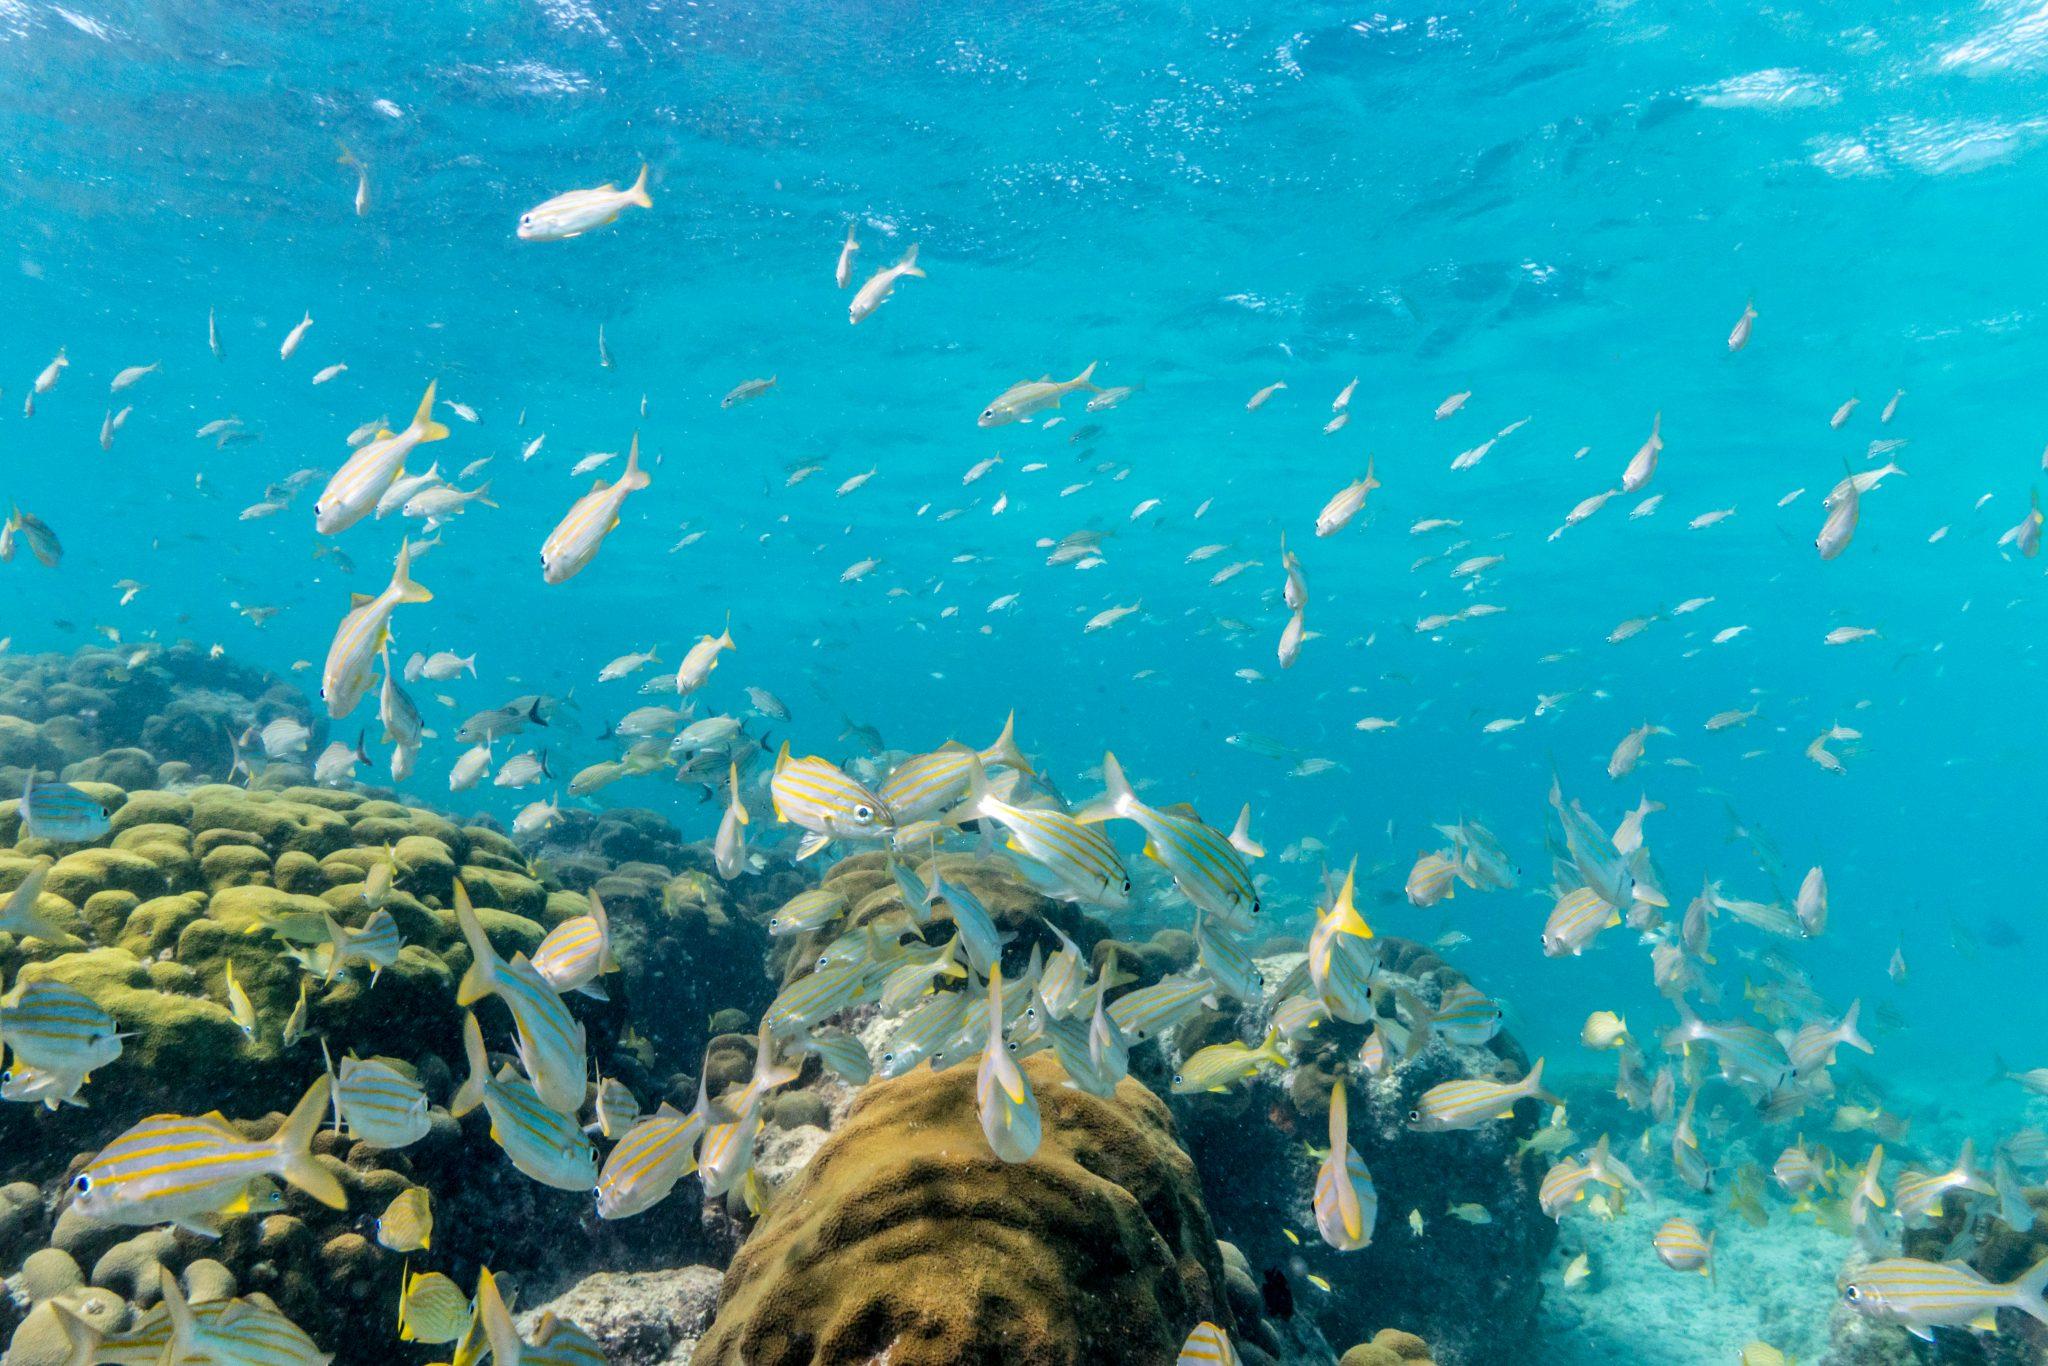 underwater scene in Aruba